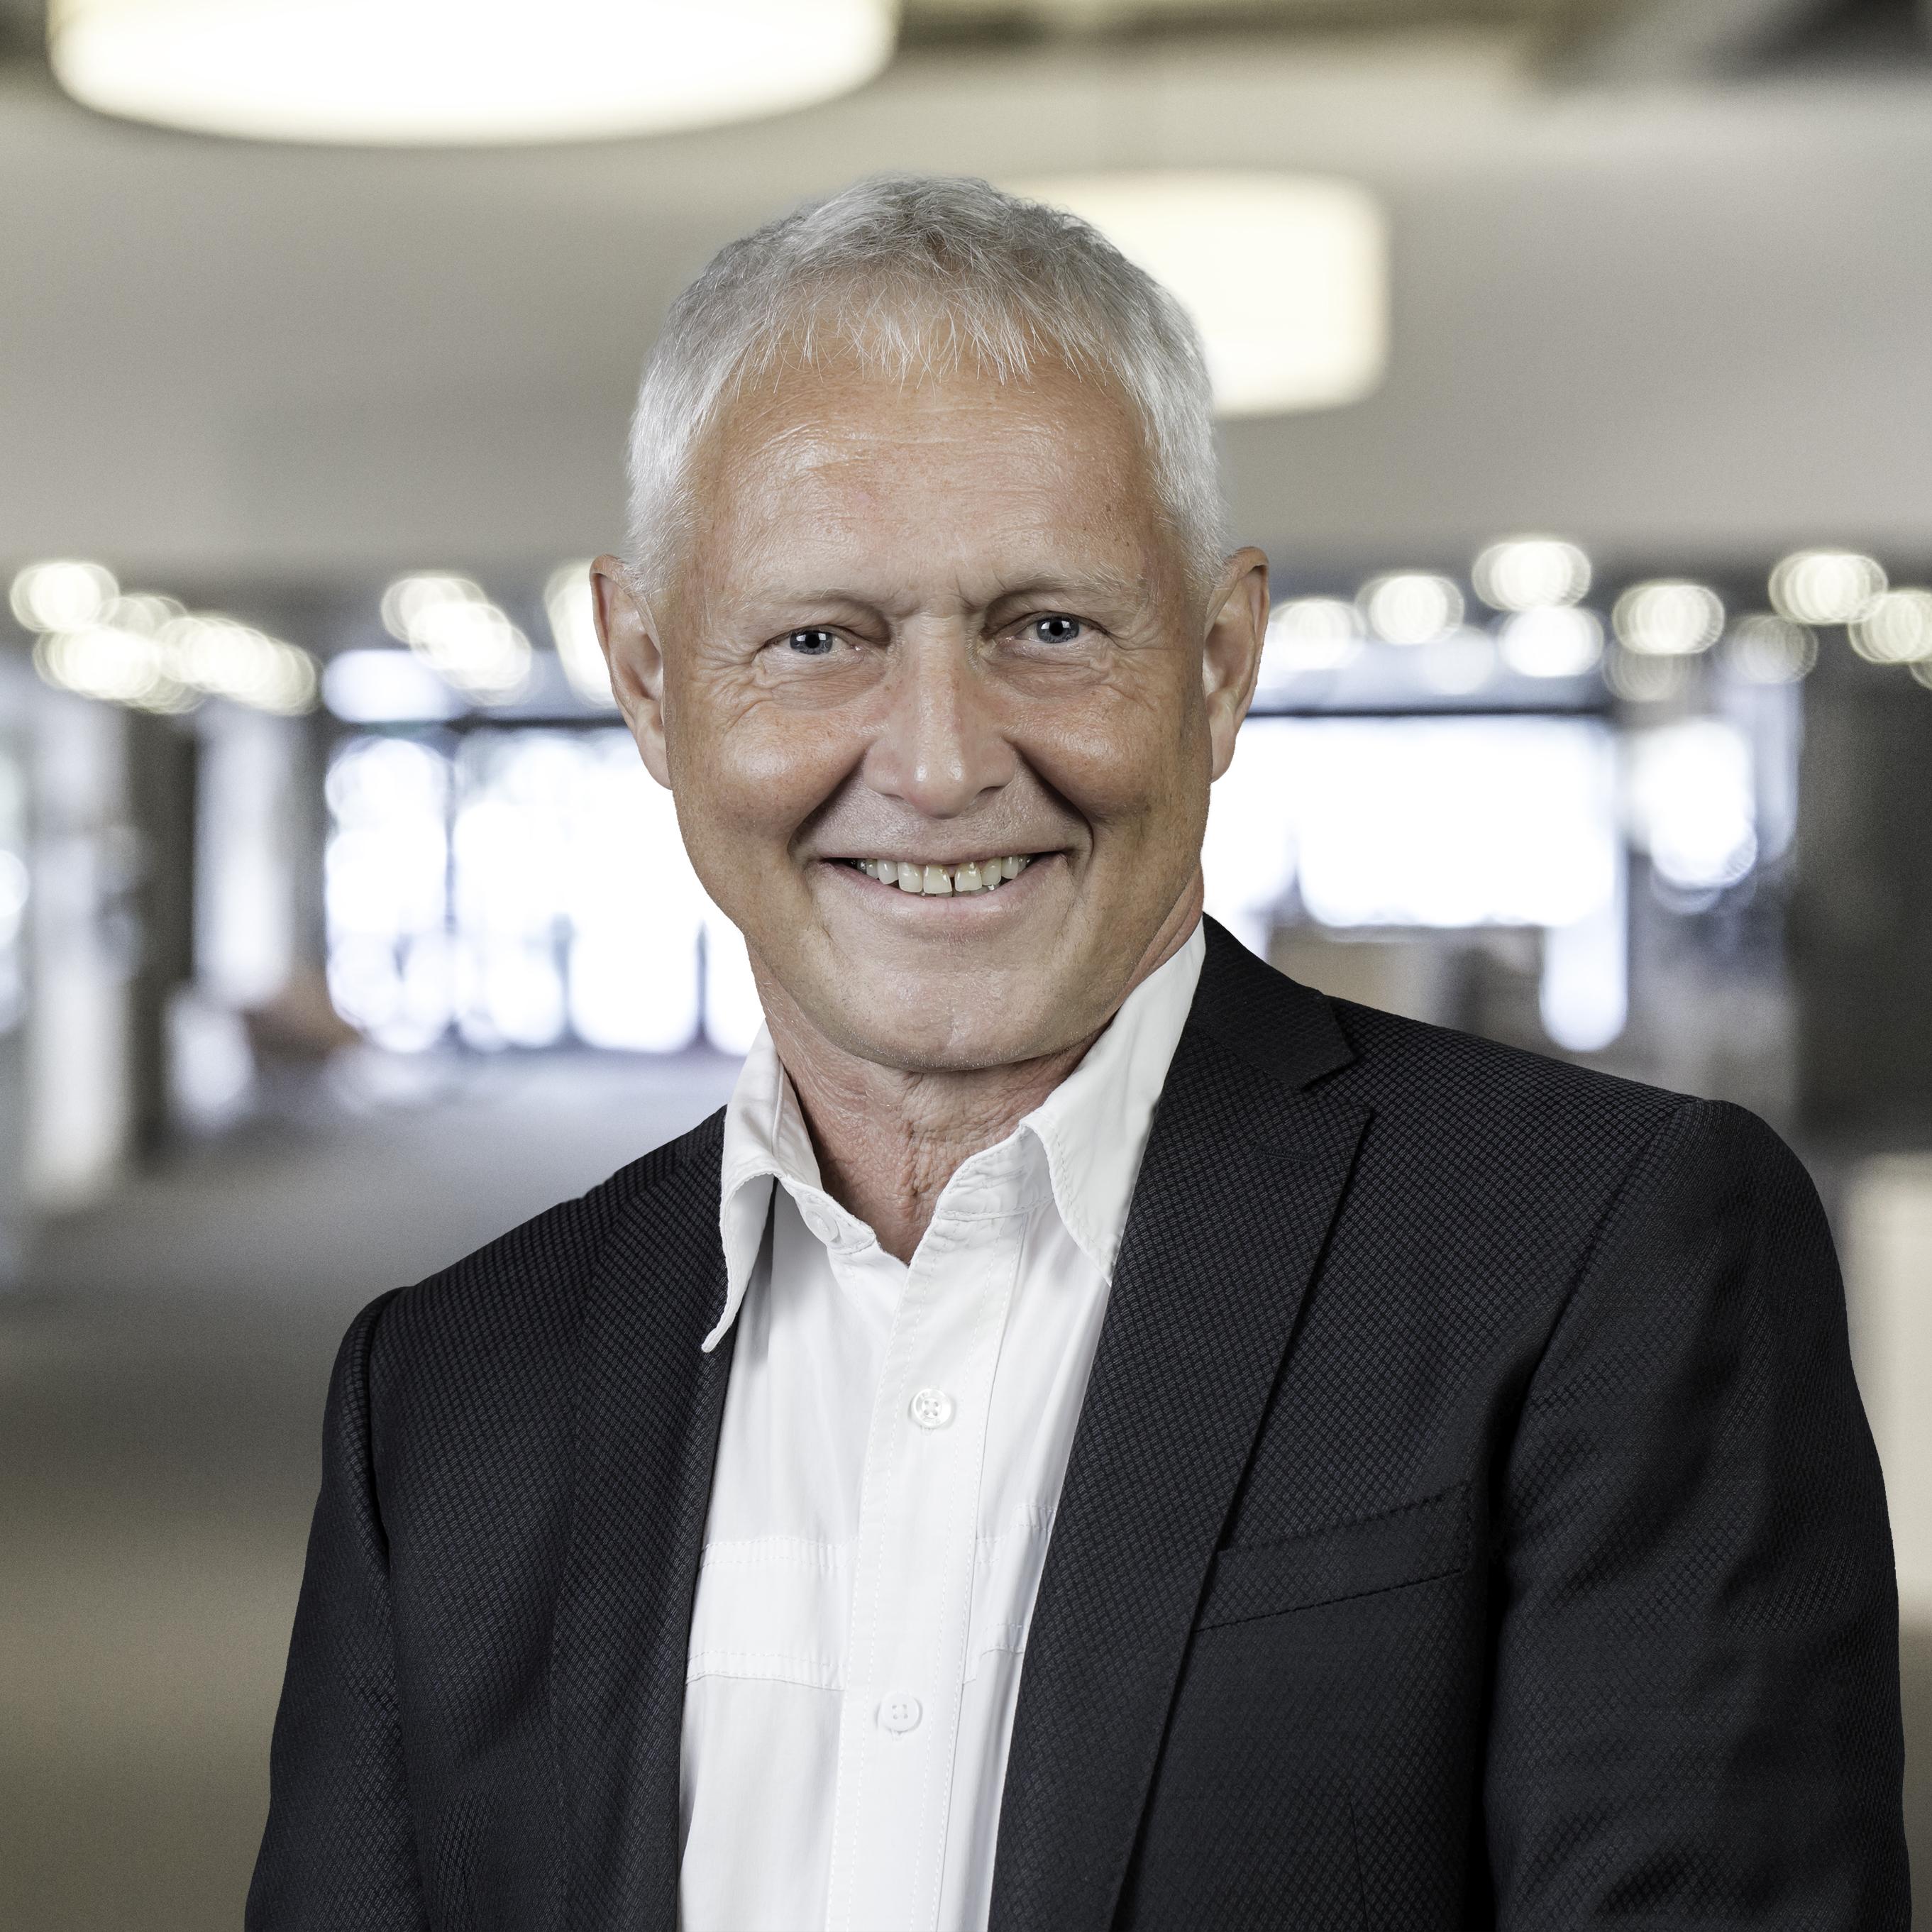 Jens Baadsgaard Pedersen